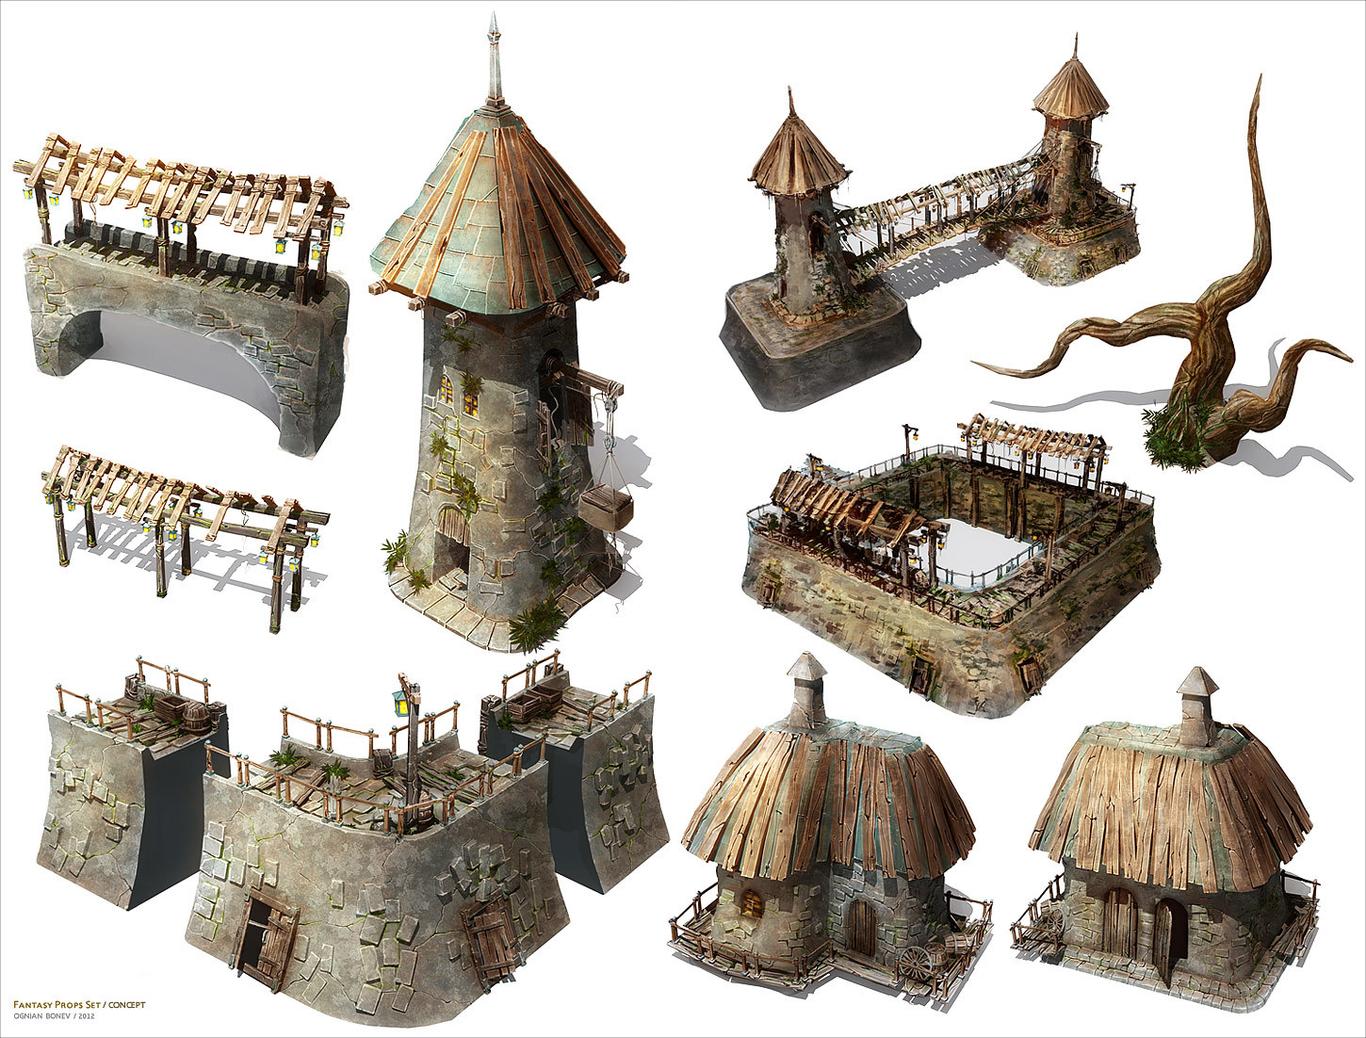 North fantasy props set 1 be005d19 br1w